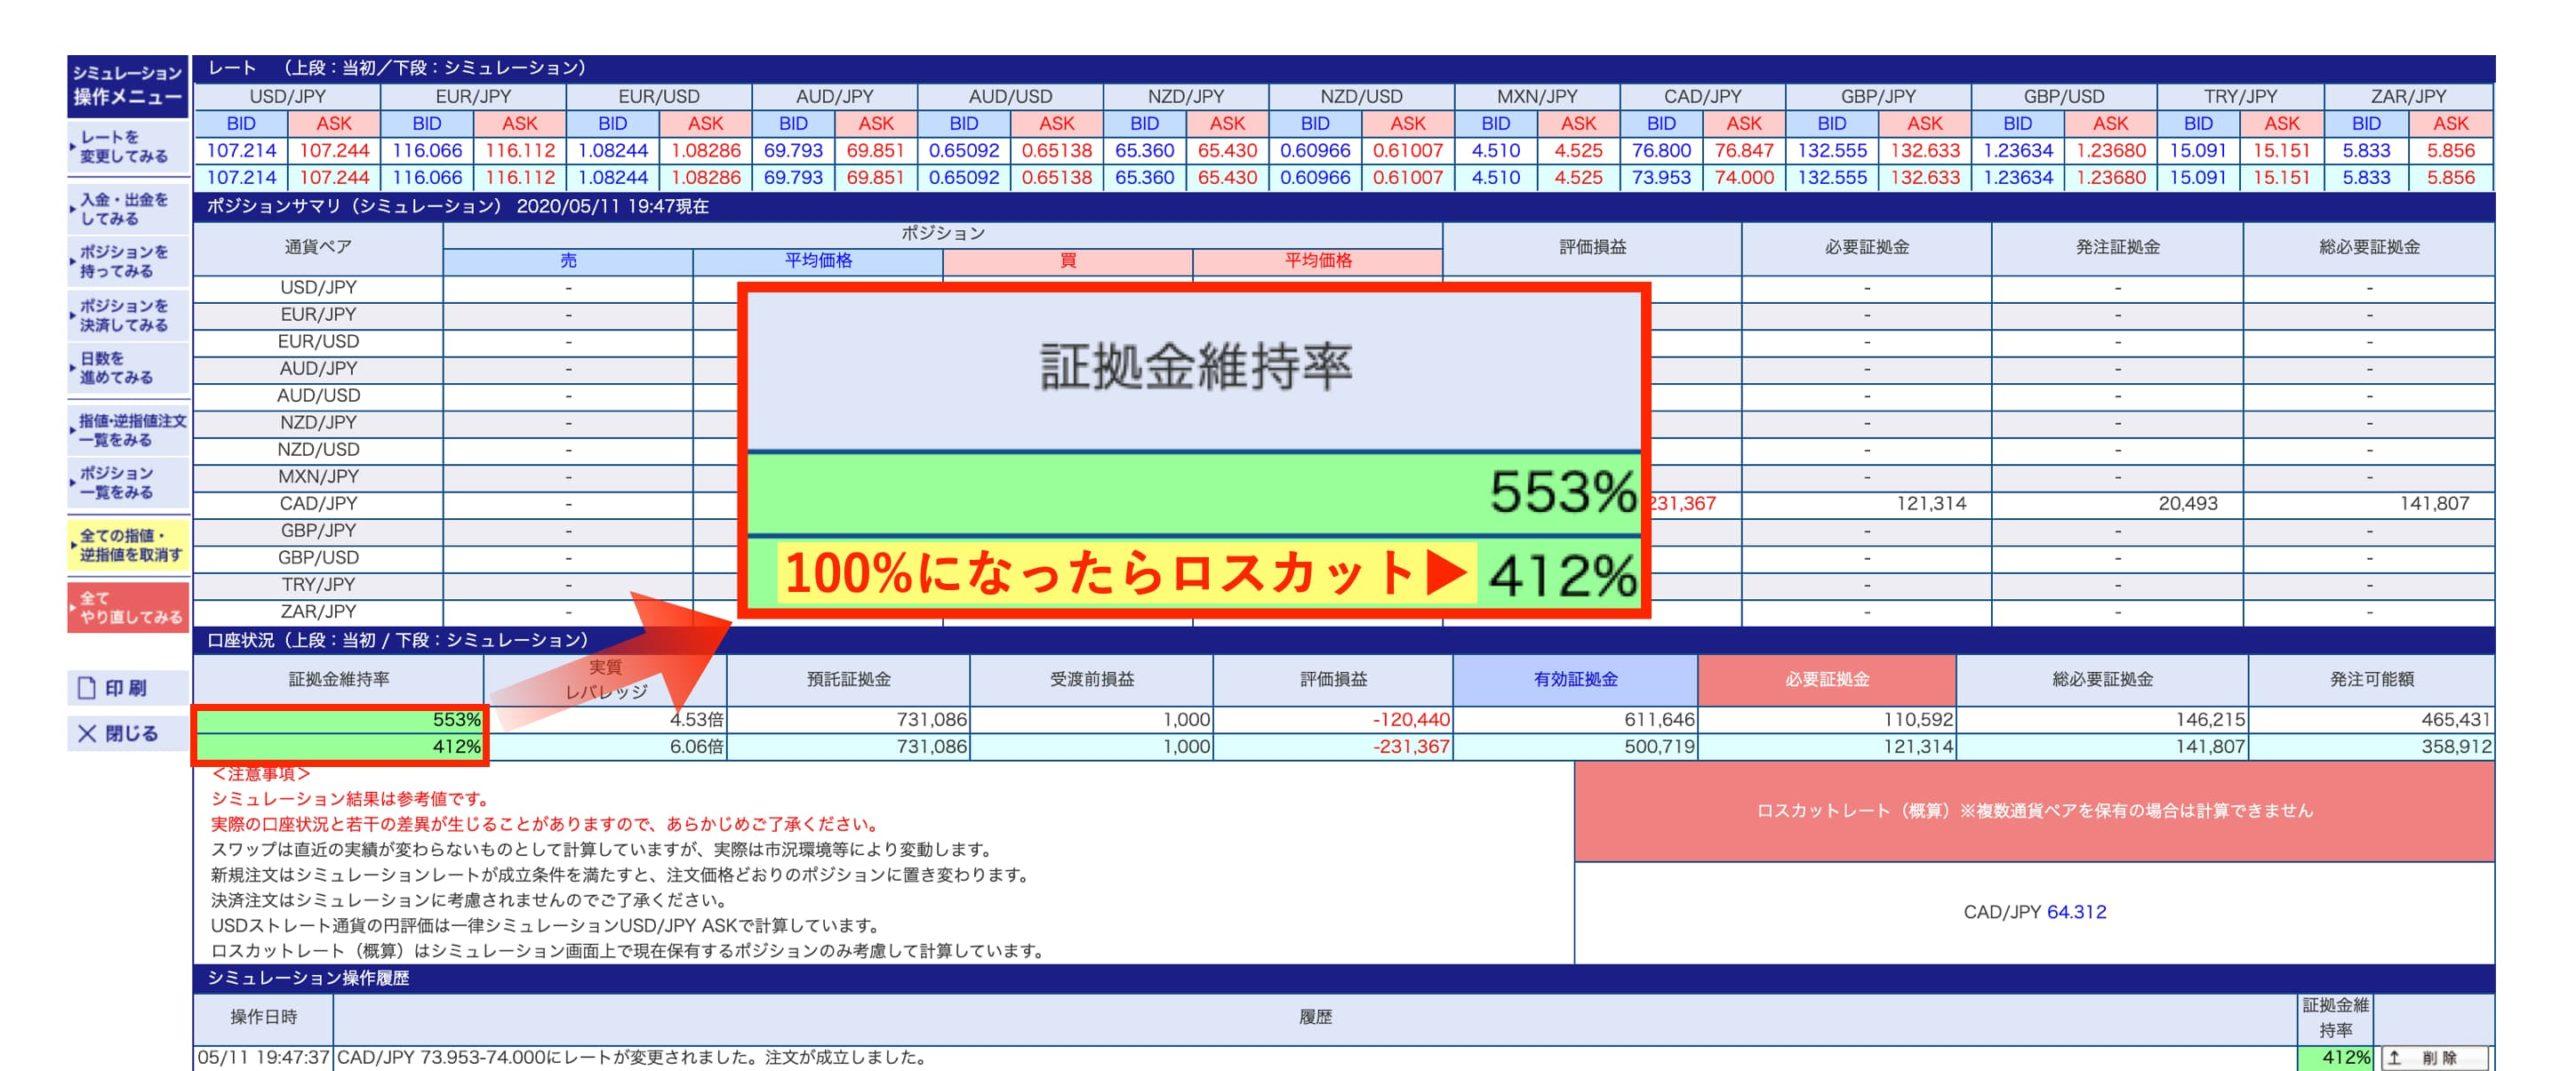 証拠金維持率の画面